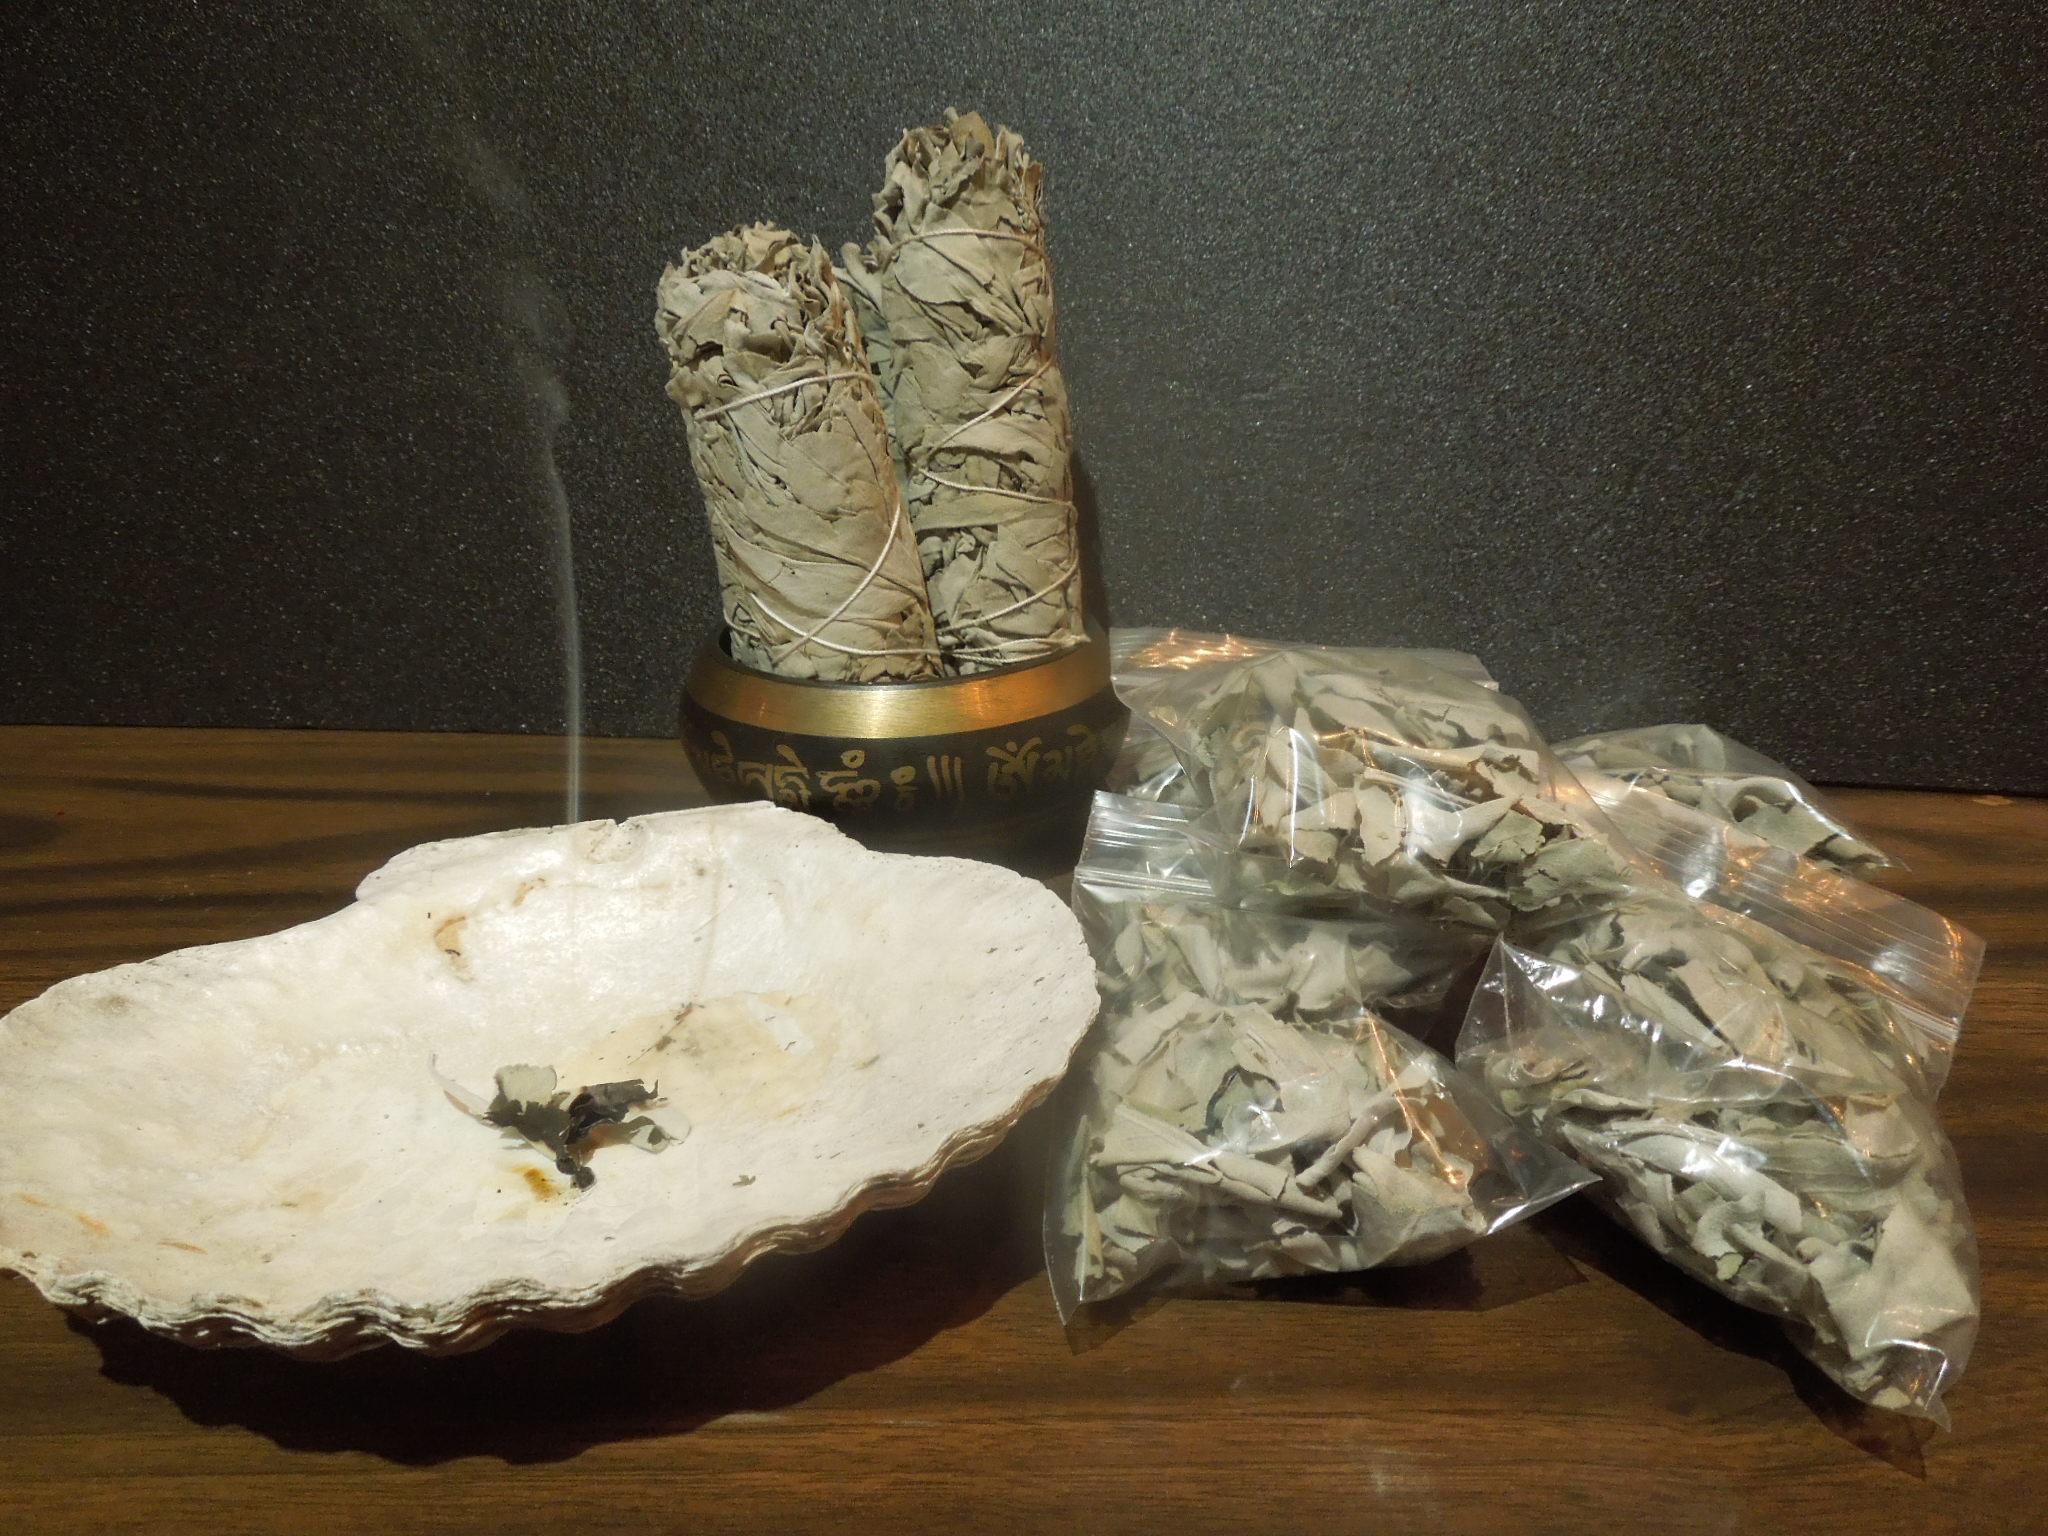 カリフォルニア産 White Sage Bundleホワイトセージ バンドル40~50g